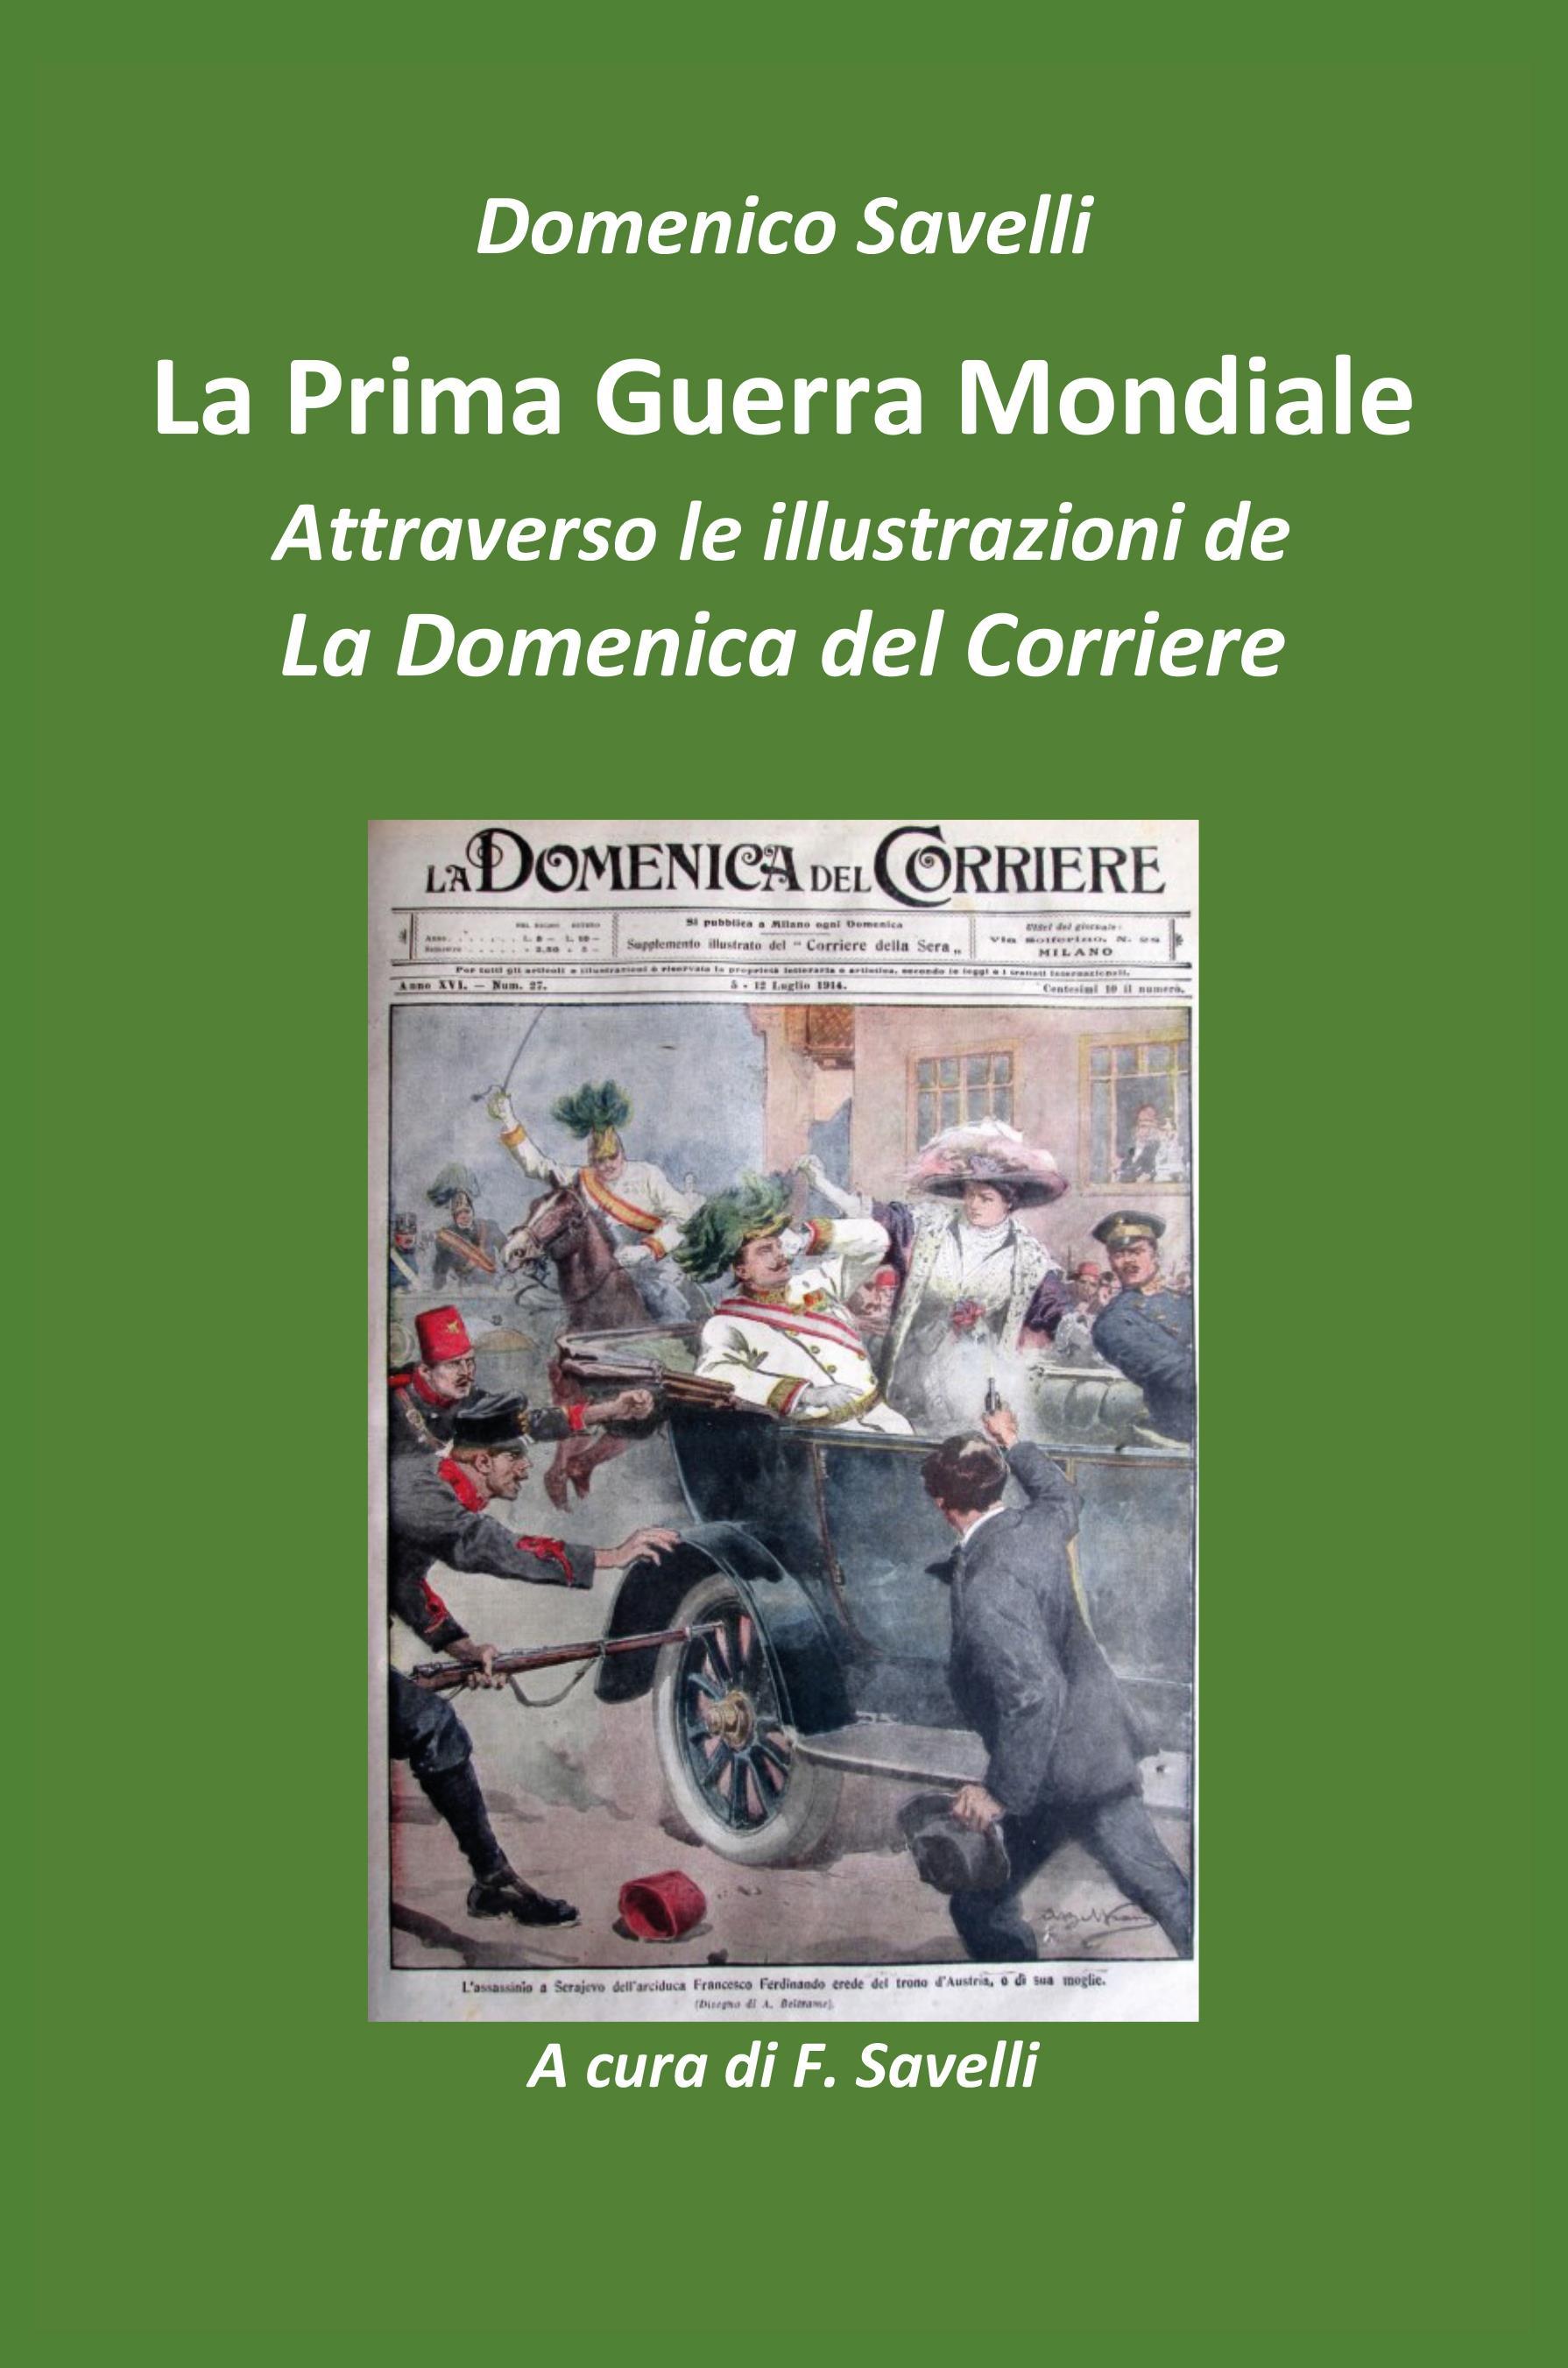 La I Guerra Mondiale attraverso le illustrazioni della Domenica del Corriere